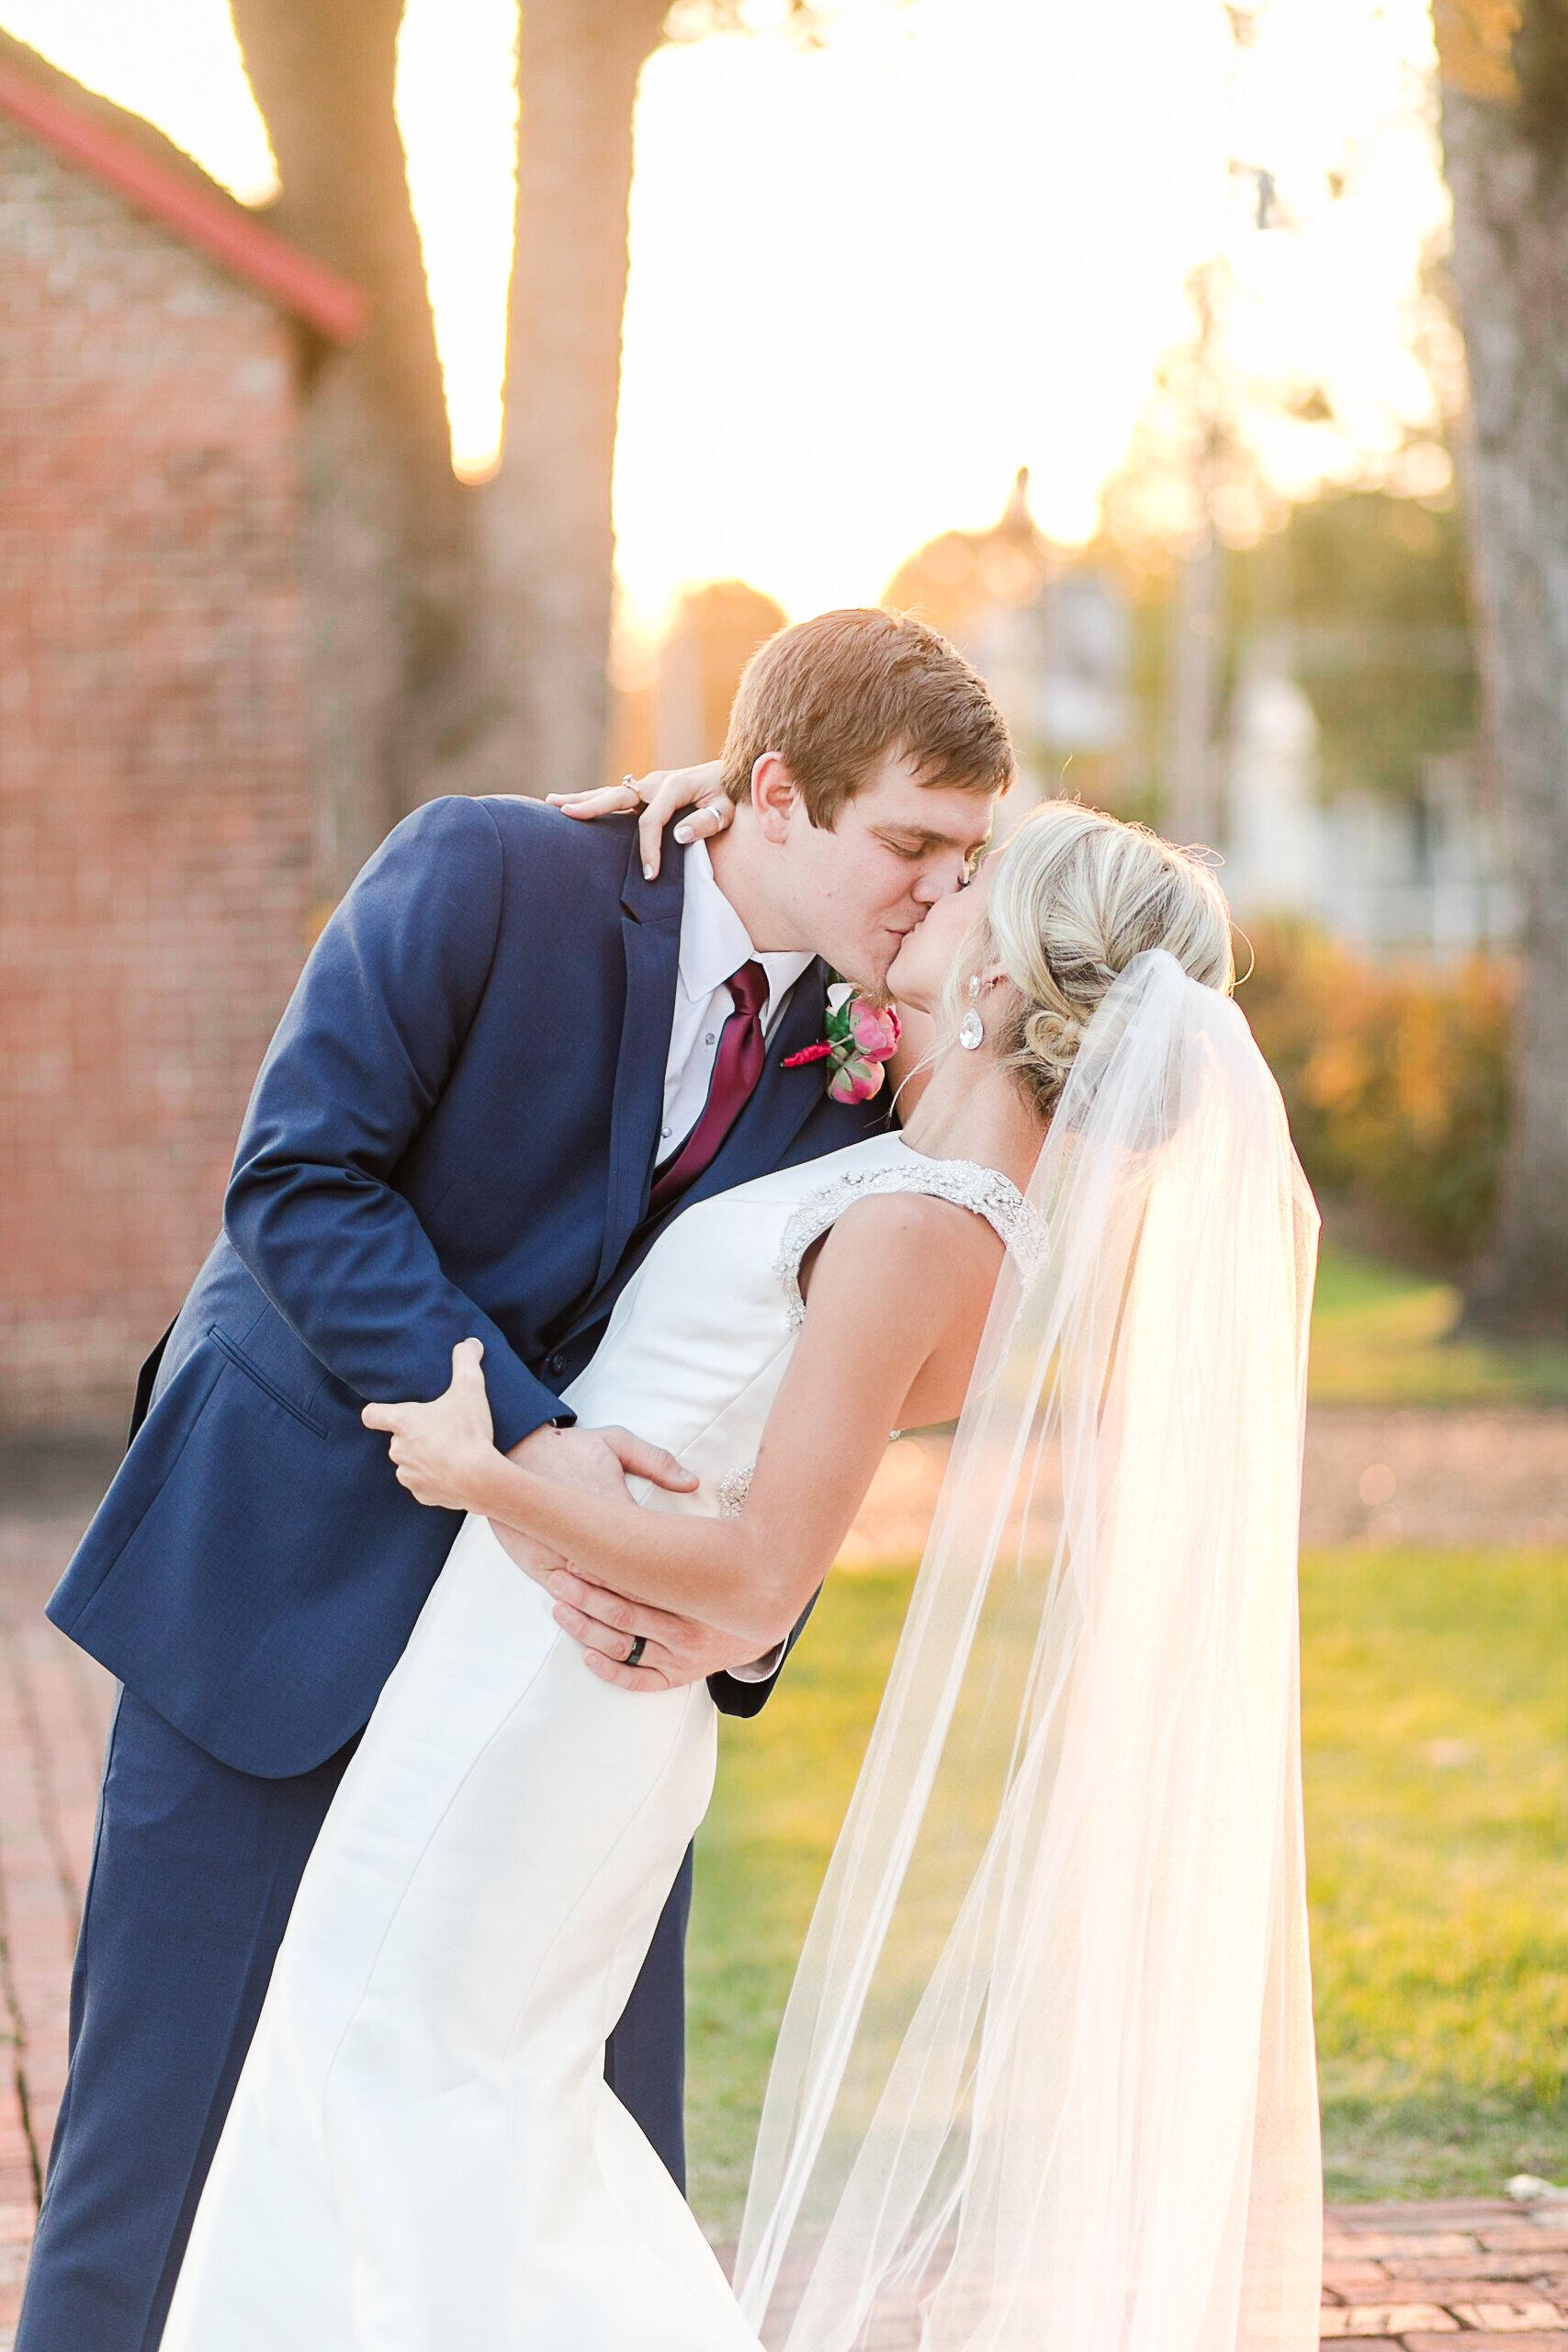 Chelsea-Hayden-wedding-494.jpg